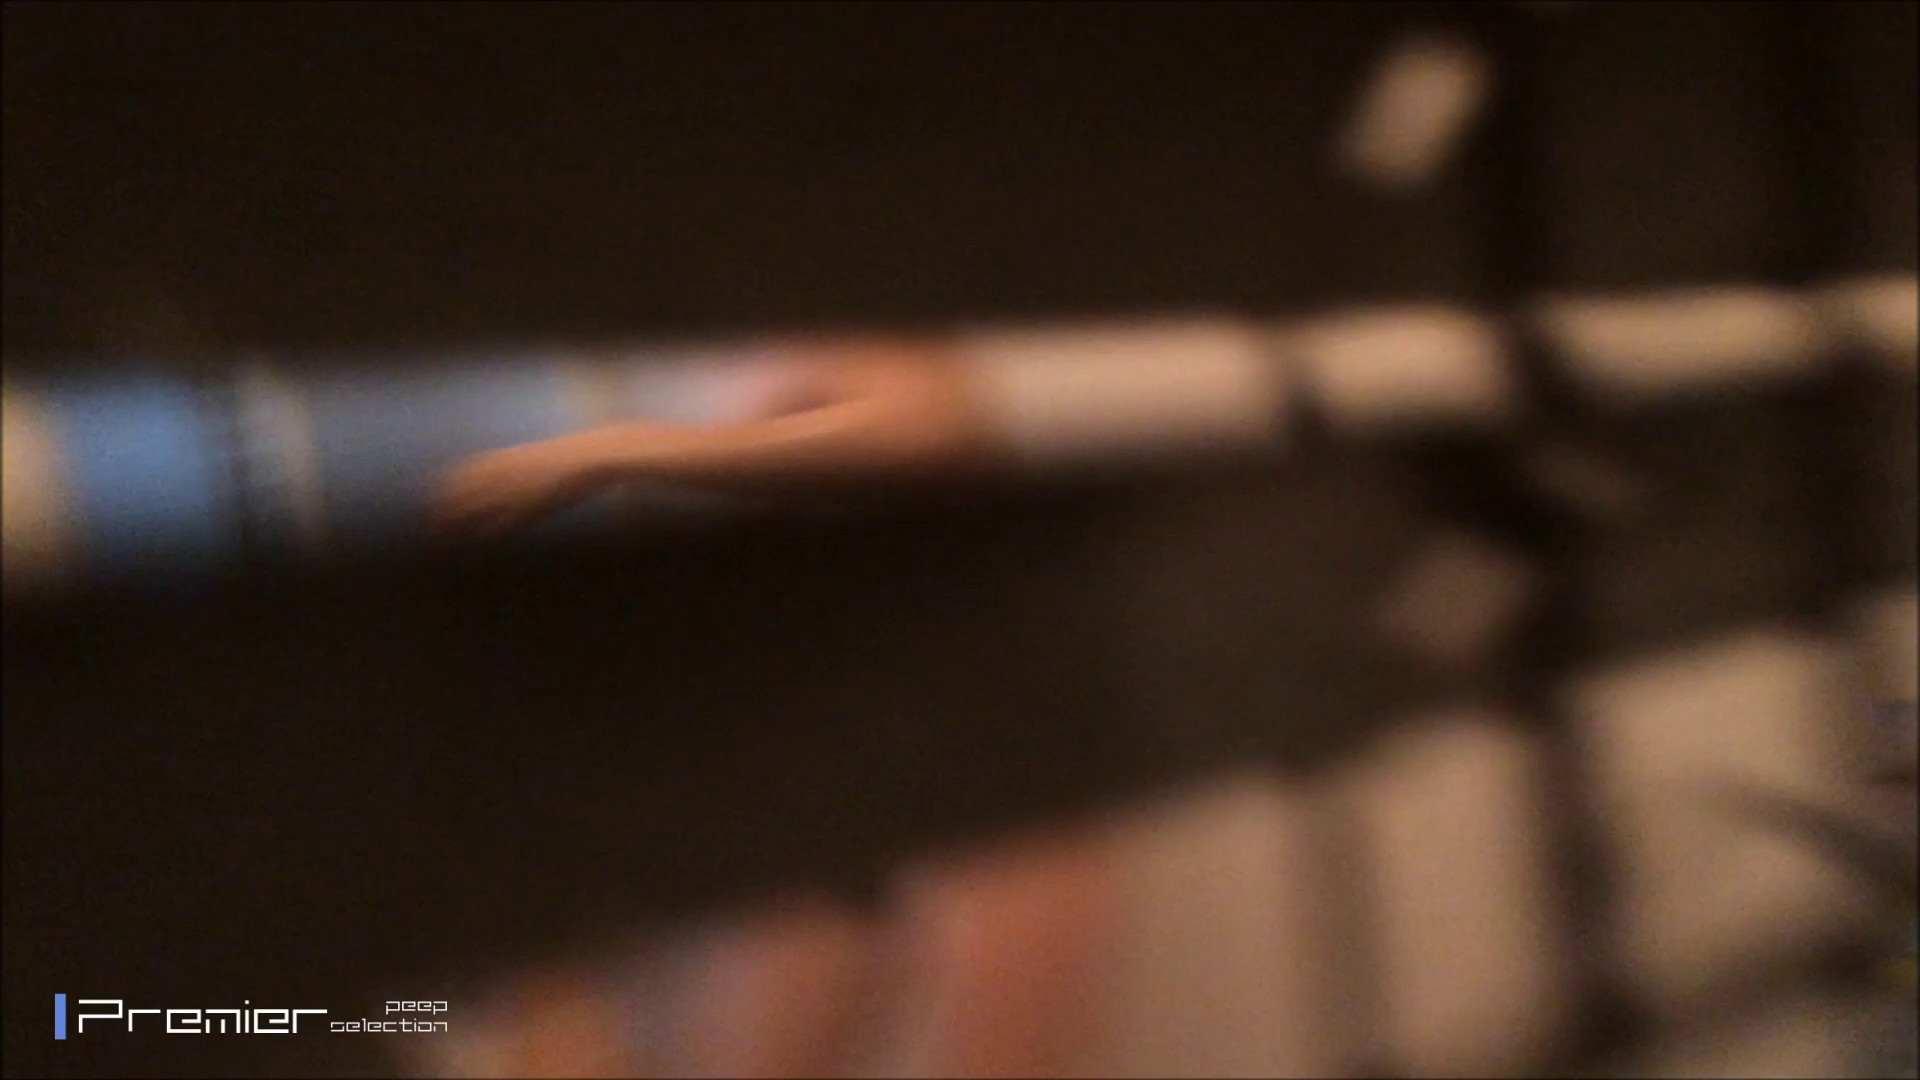 高画質フルハイビジョン スレンダー美女の入浴 乙女の風呂場 Vol.04 入浴 おまんこ動画流出 76枚 74